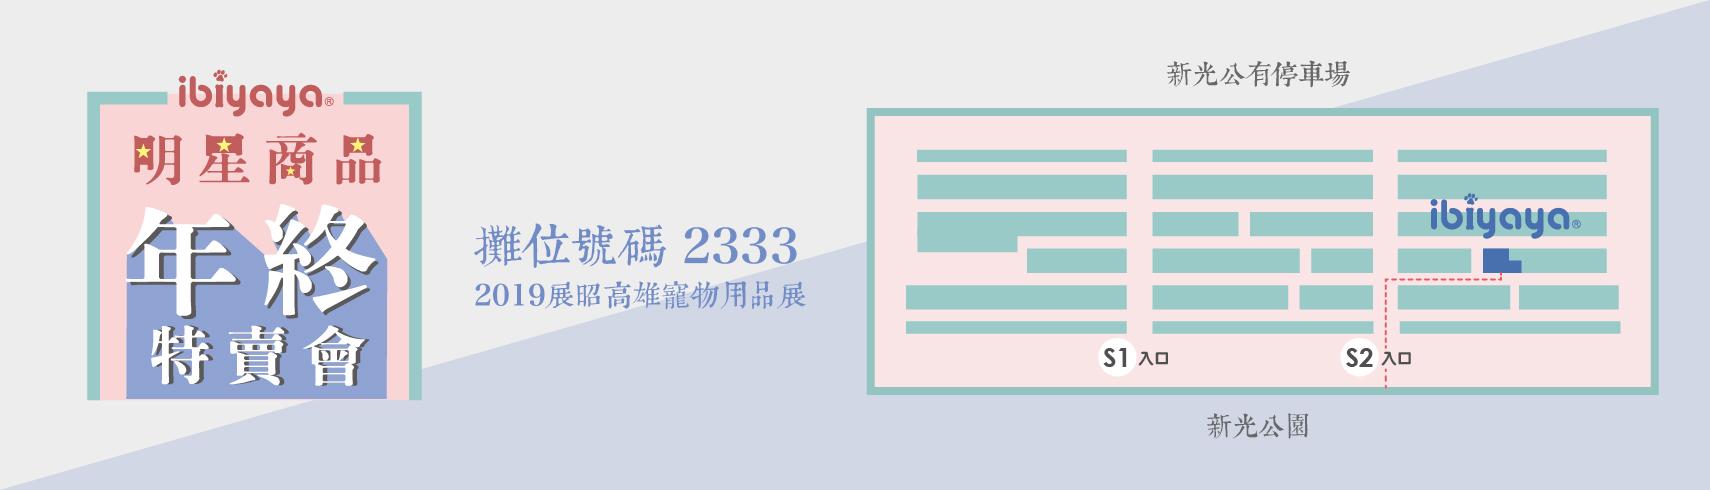 1127_高雄展攤位圖_banner_中_工作區域 1